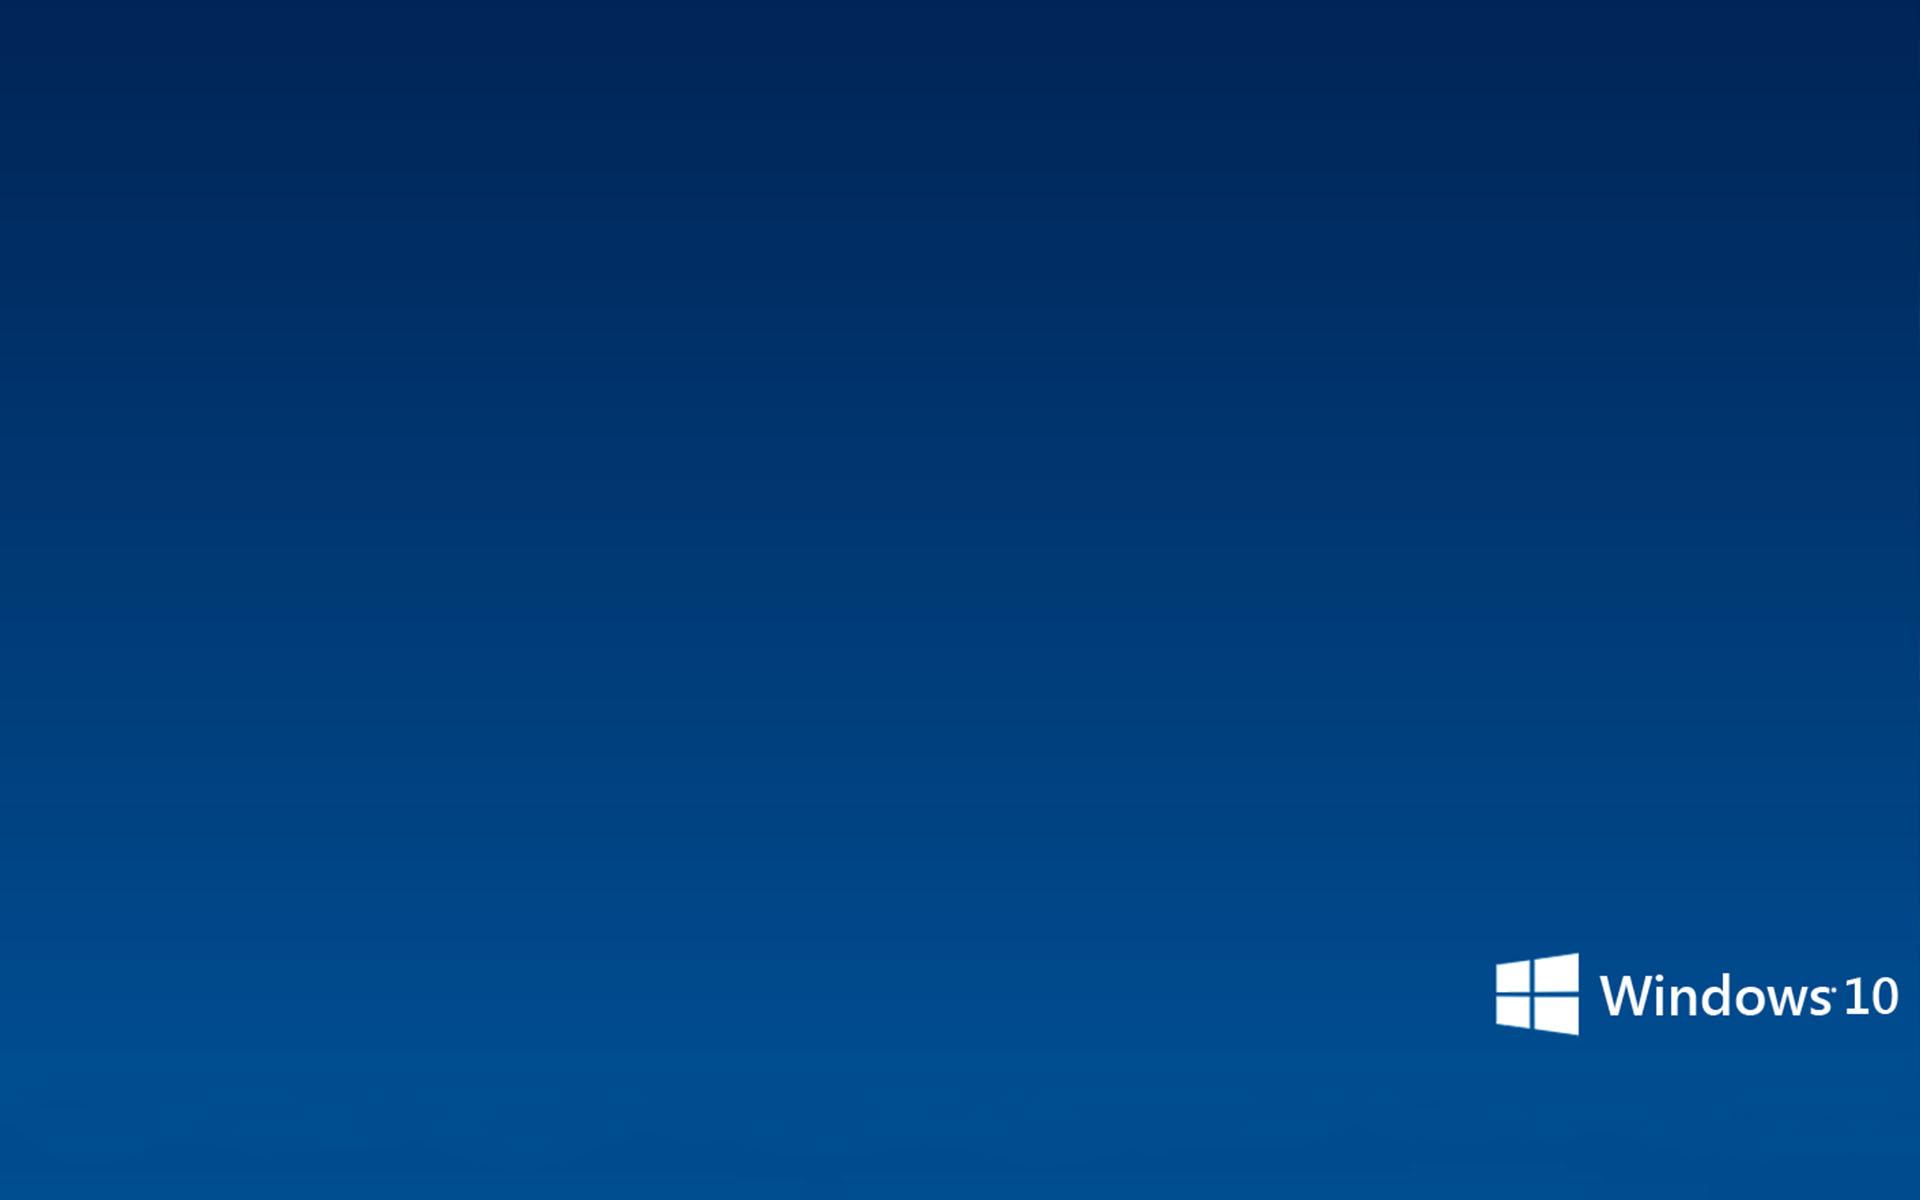 ウィンドウズ 10 壁紙 Windows 10の壁紙に飽きたら 追加のテーマ